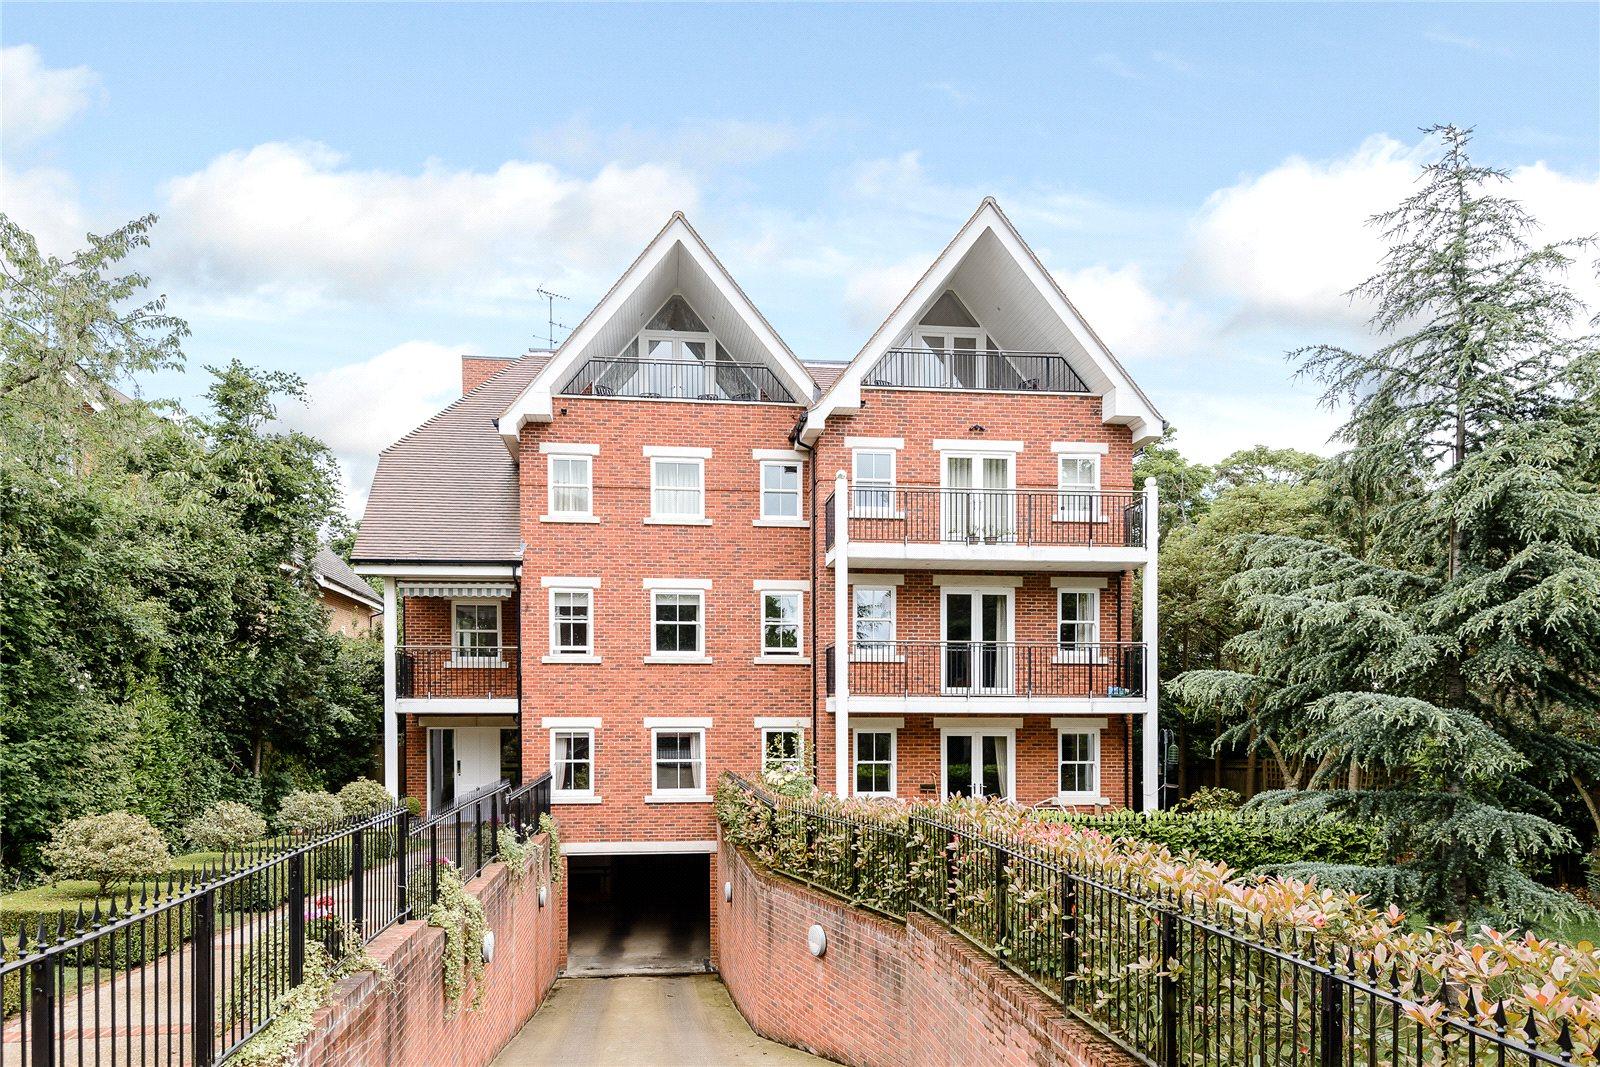 Appartement pour l Vente à Claremont Court, 76 Packhorse Road, Gerrards Cross, Buckinghamshire, SL9 Gerrards Cross, Angleterre